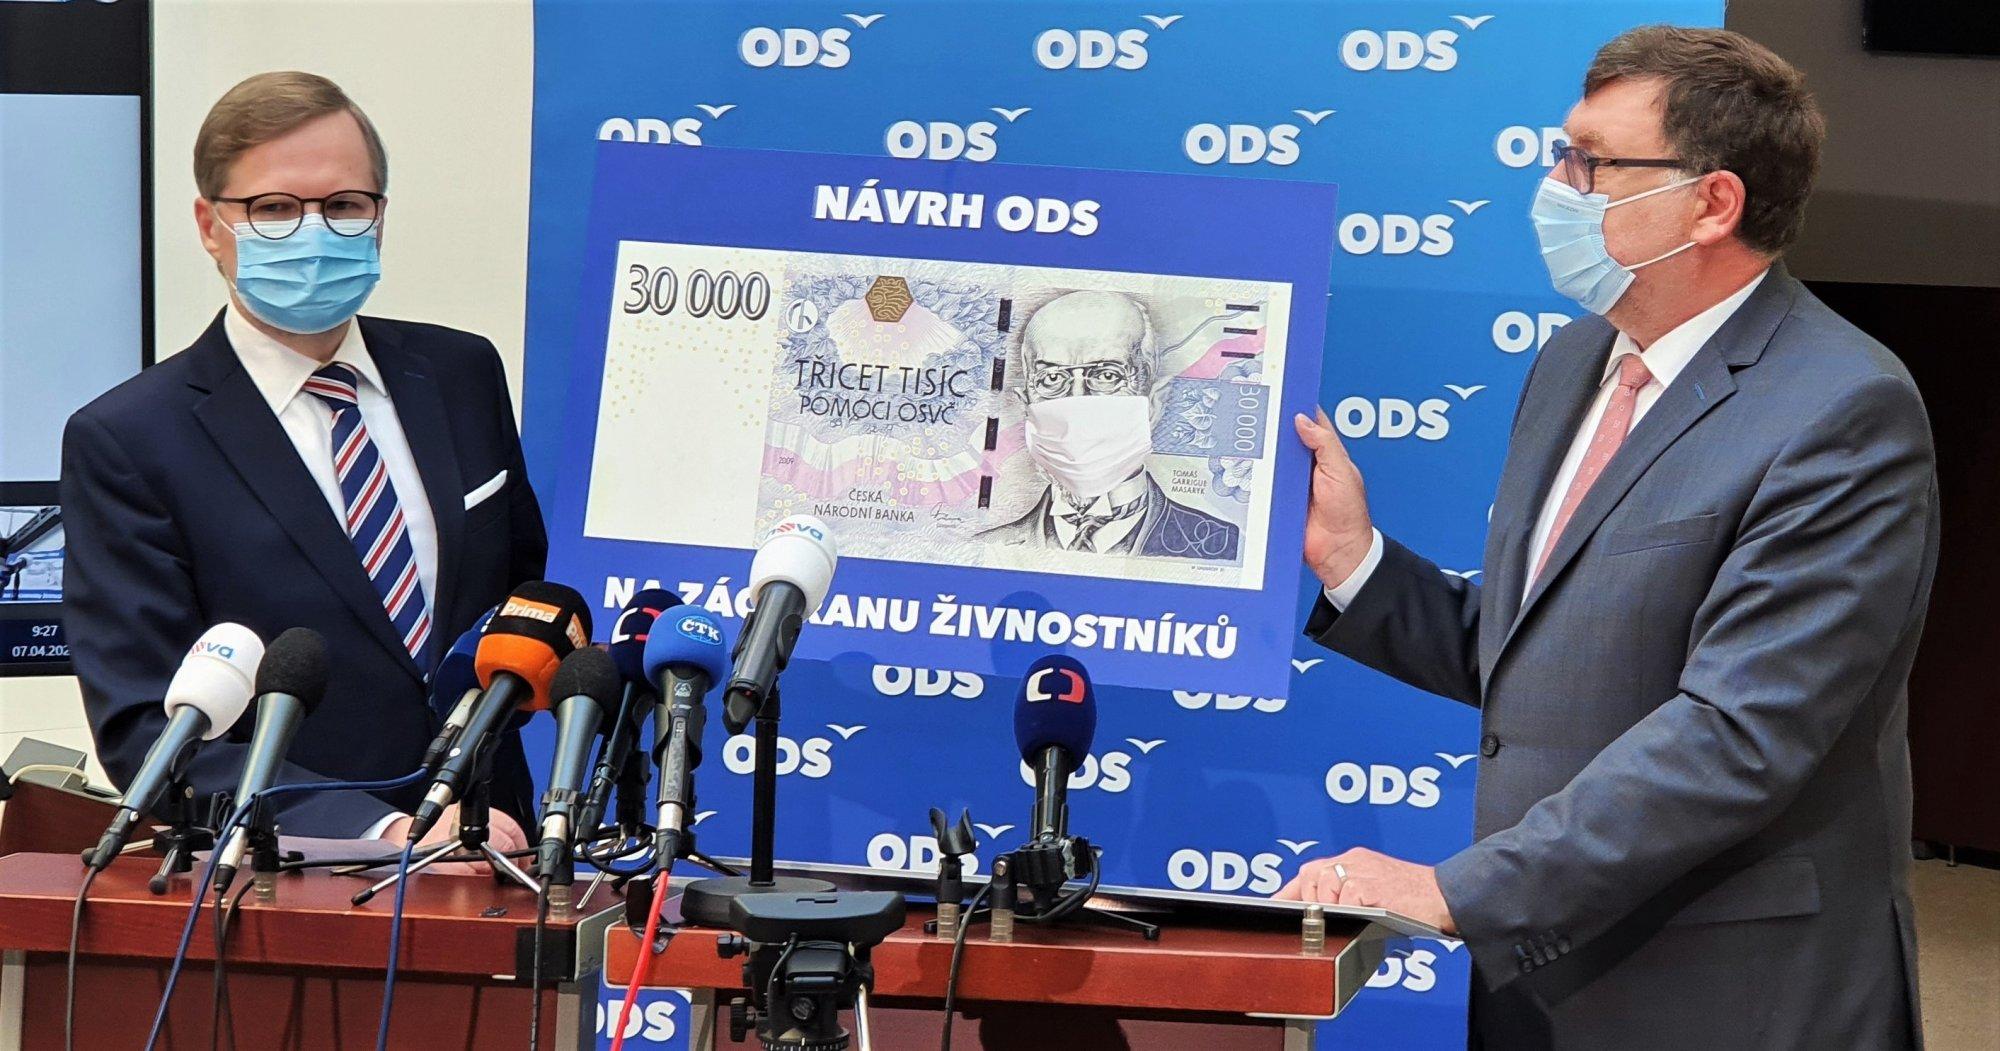 ODS: Období bianco šeku skončilo, vláda musí rychle představit plán restartu země